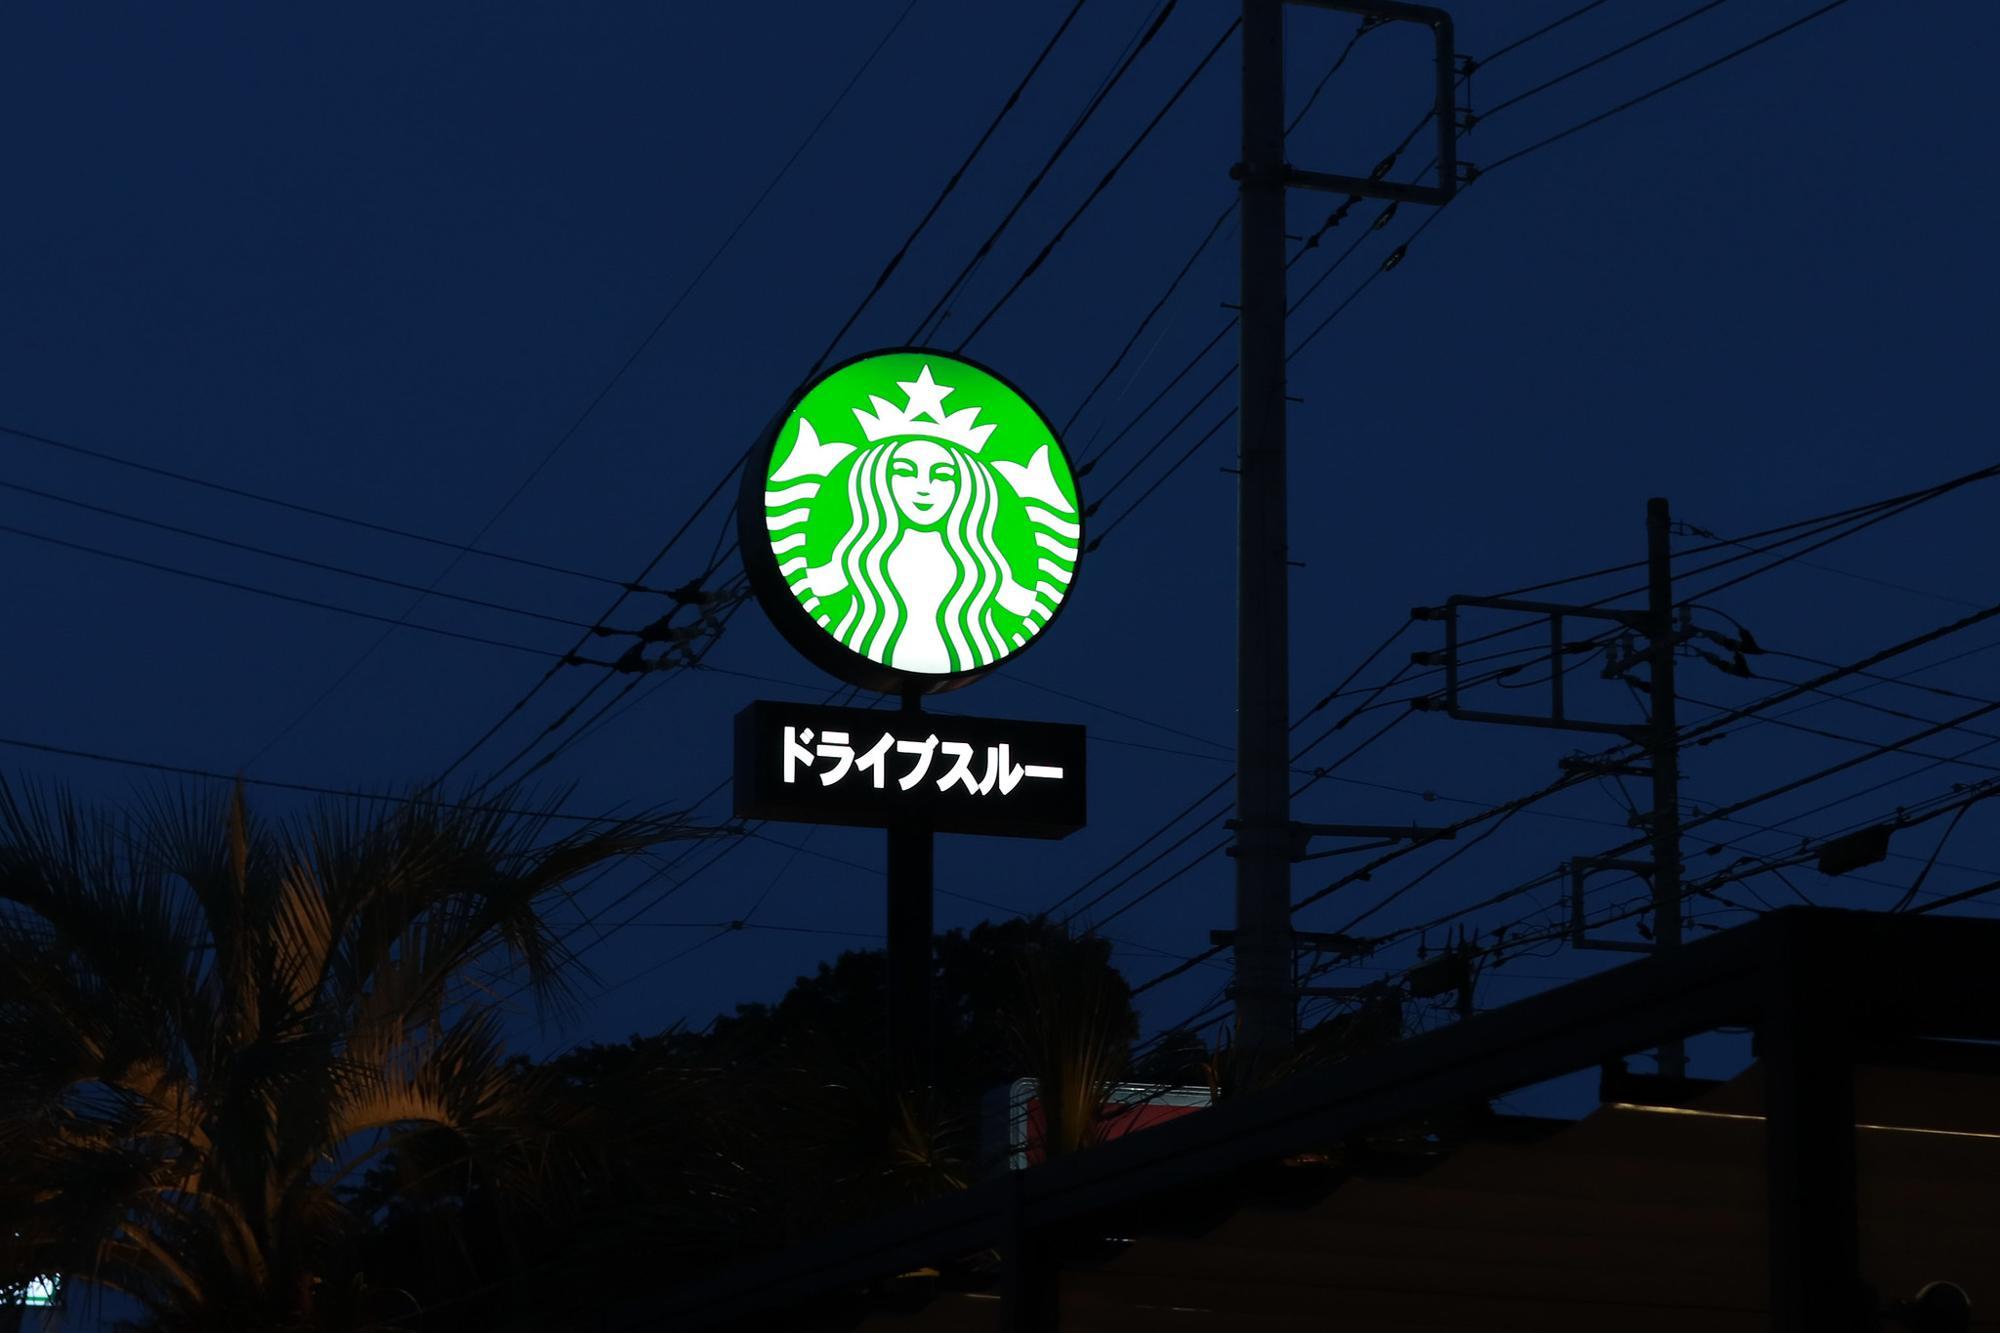 スタバの看板に「ドライブスルー」の文字。ちなみにこちらは、さいたま大和田店